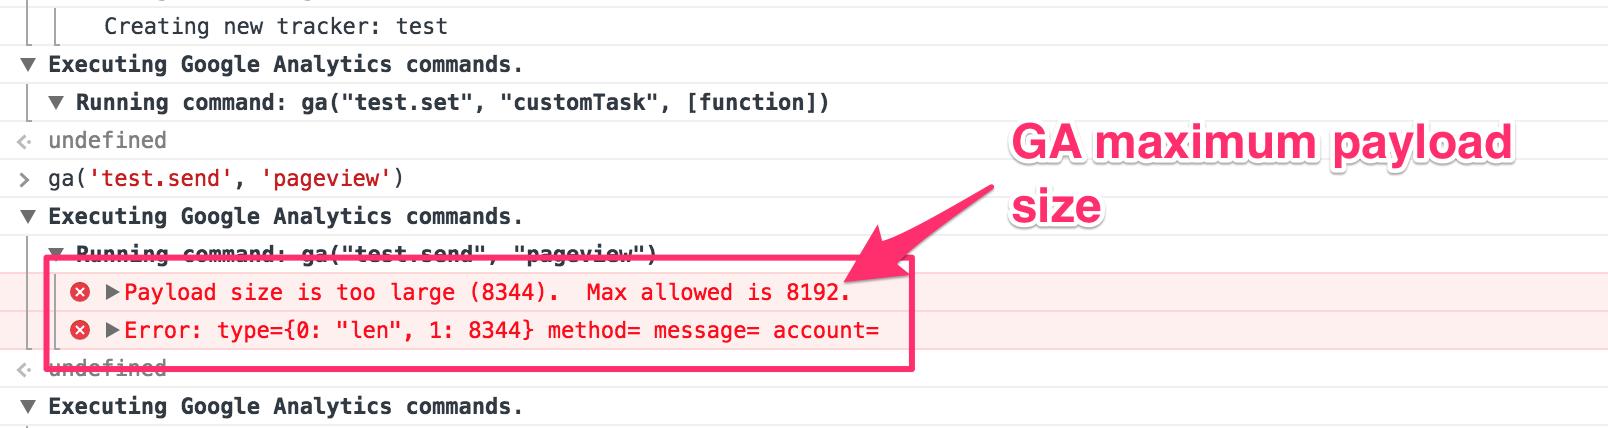 Логирование хитов (payload) Google Analytics в Google Sheets через Google Tag Manager - 1